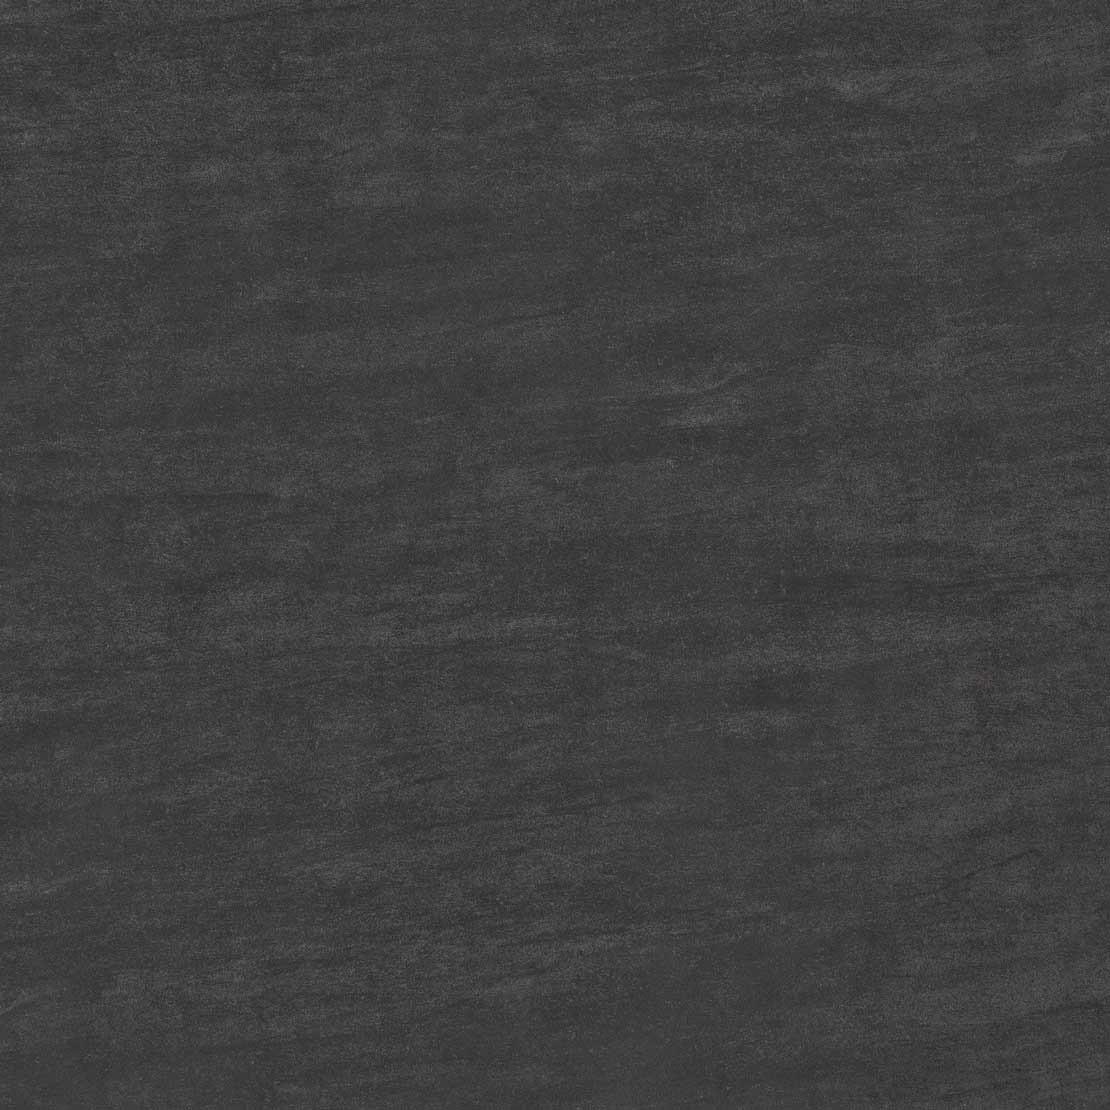 Blad Dekton Bromo (texture)